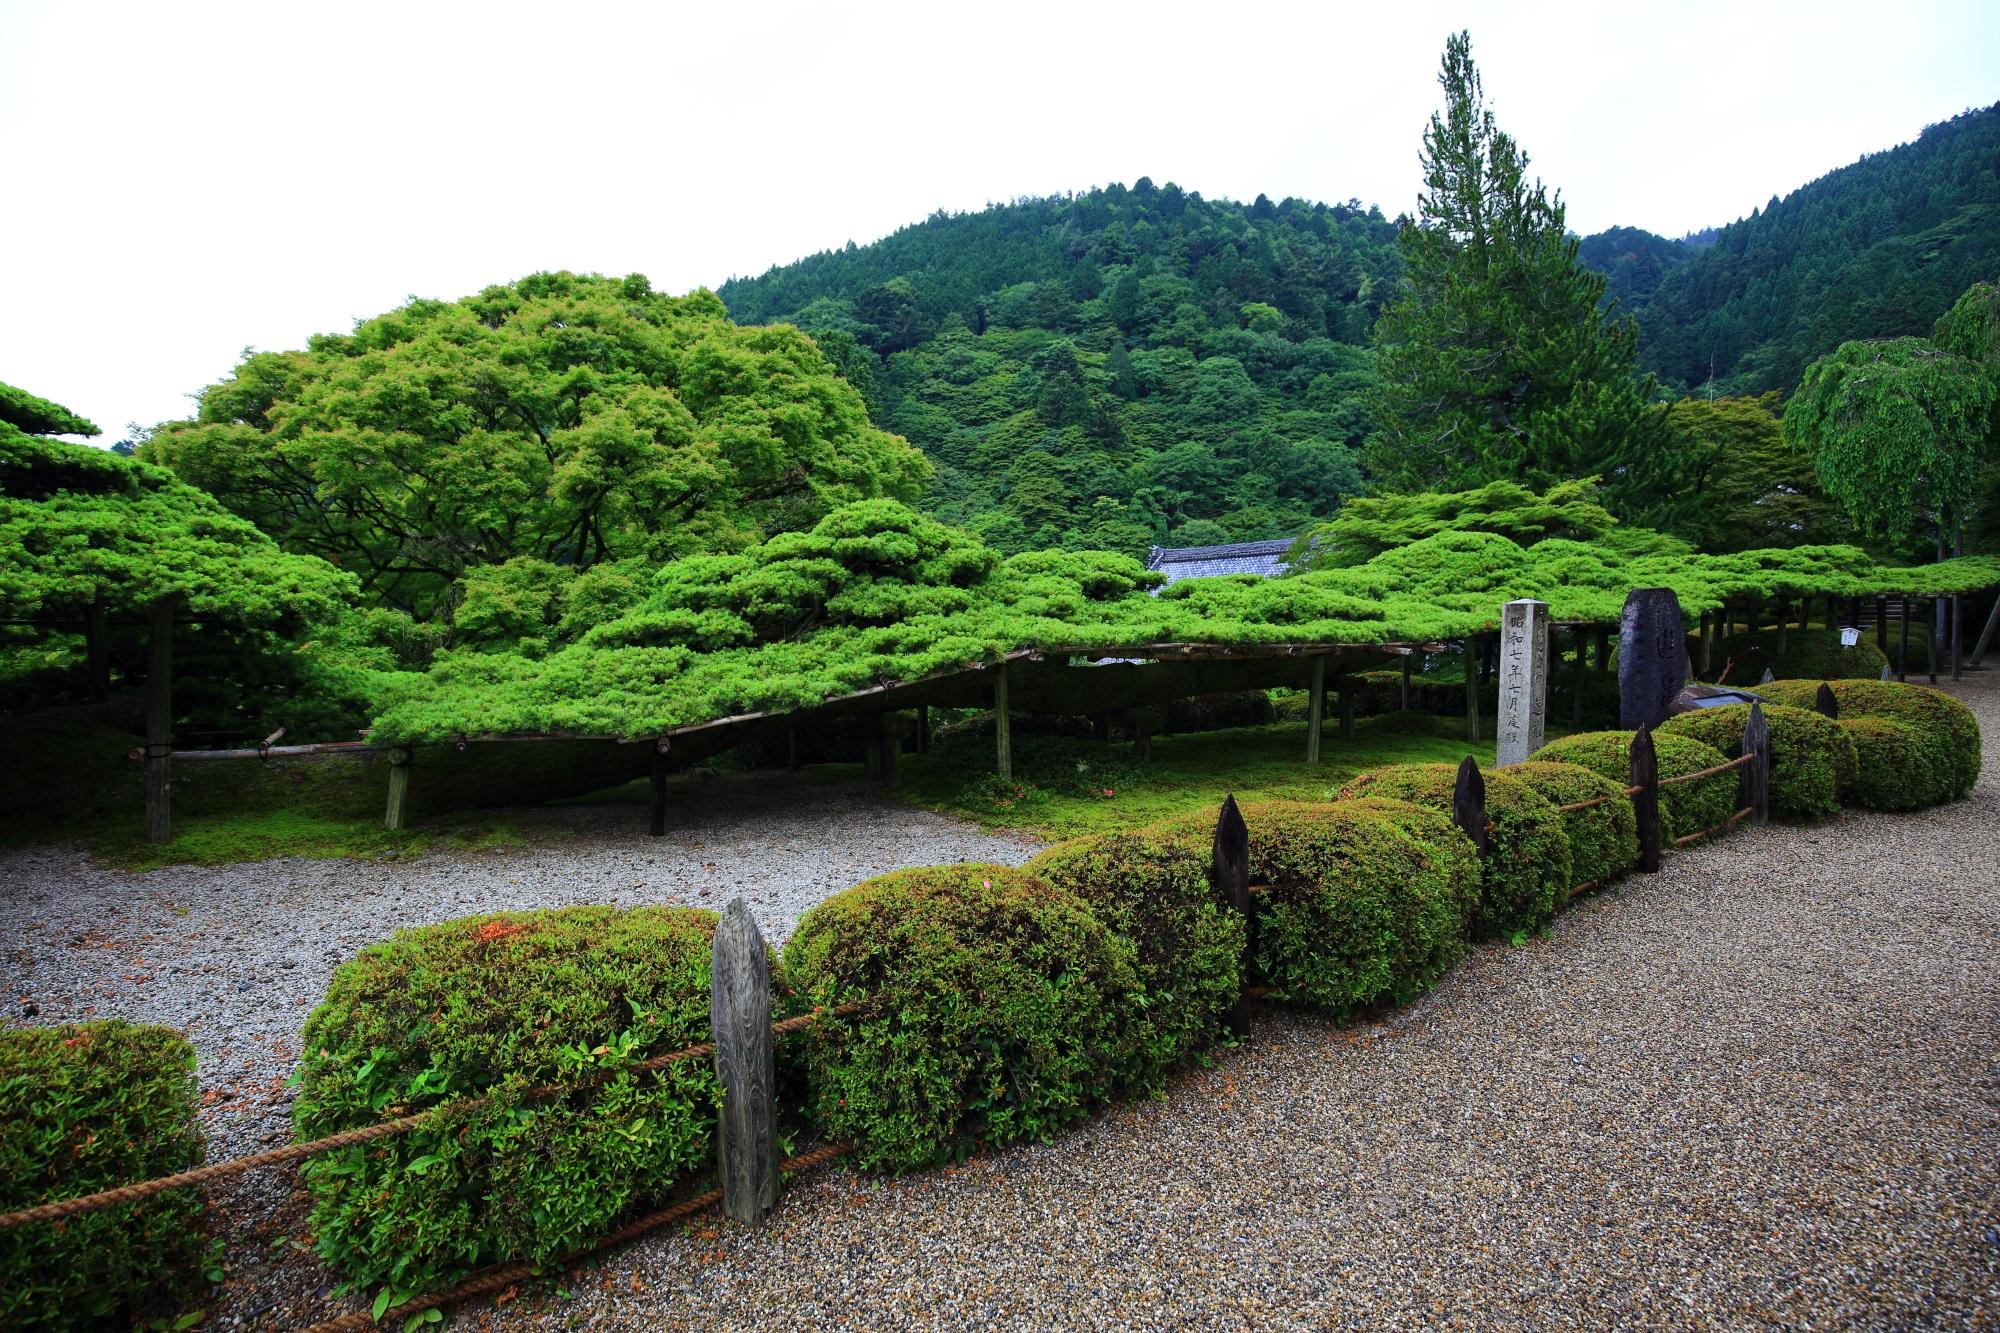 国の天然記念物に指定され樹齢600年と言われる善峯寺の遊龍の松